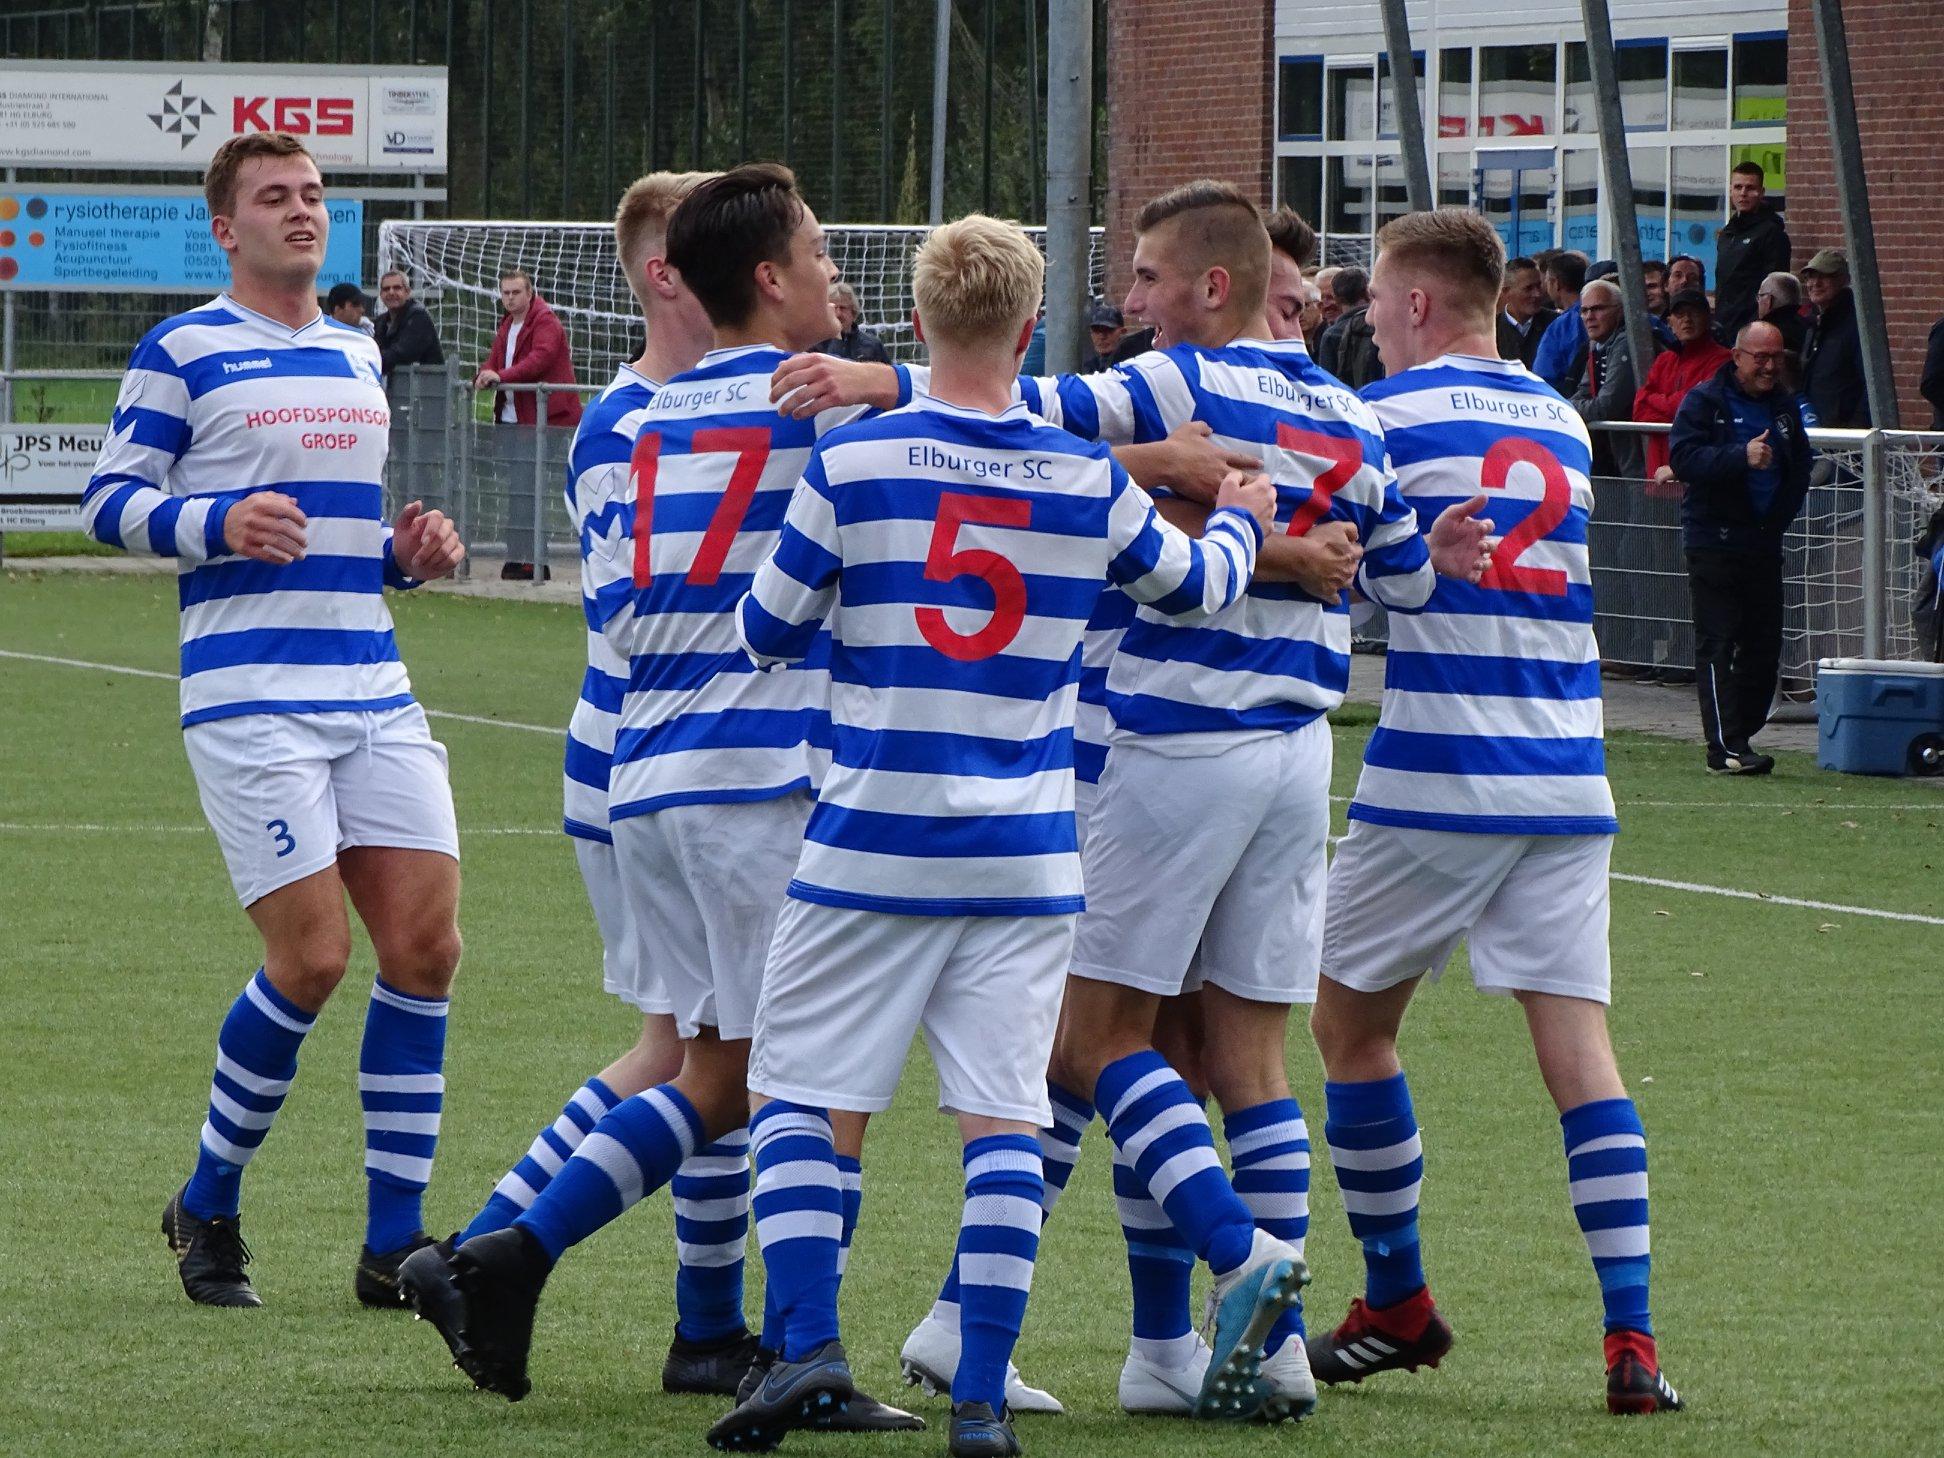 Bekerwinst voor Elburger Sportclub tegen VEVO; 2-0 - Elburger SC